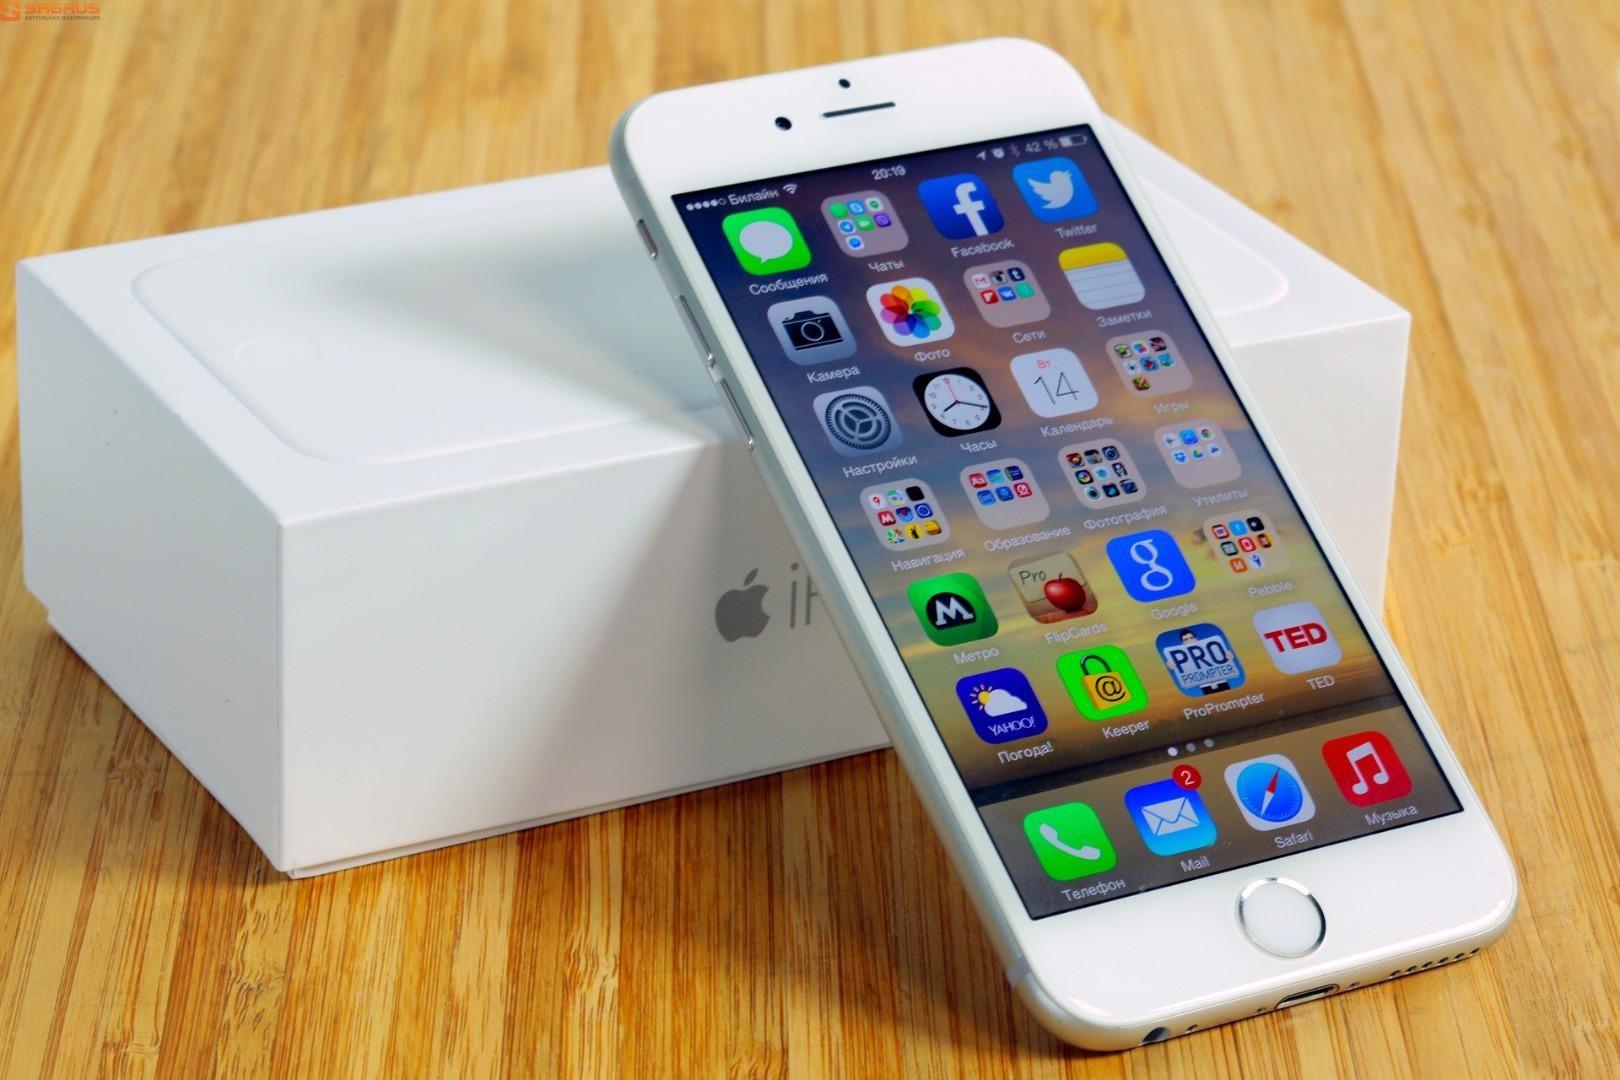 ВЗакарпатье выпускникам ПТУ подарили контрабандные «Айфоны» спиратскимПО